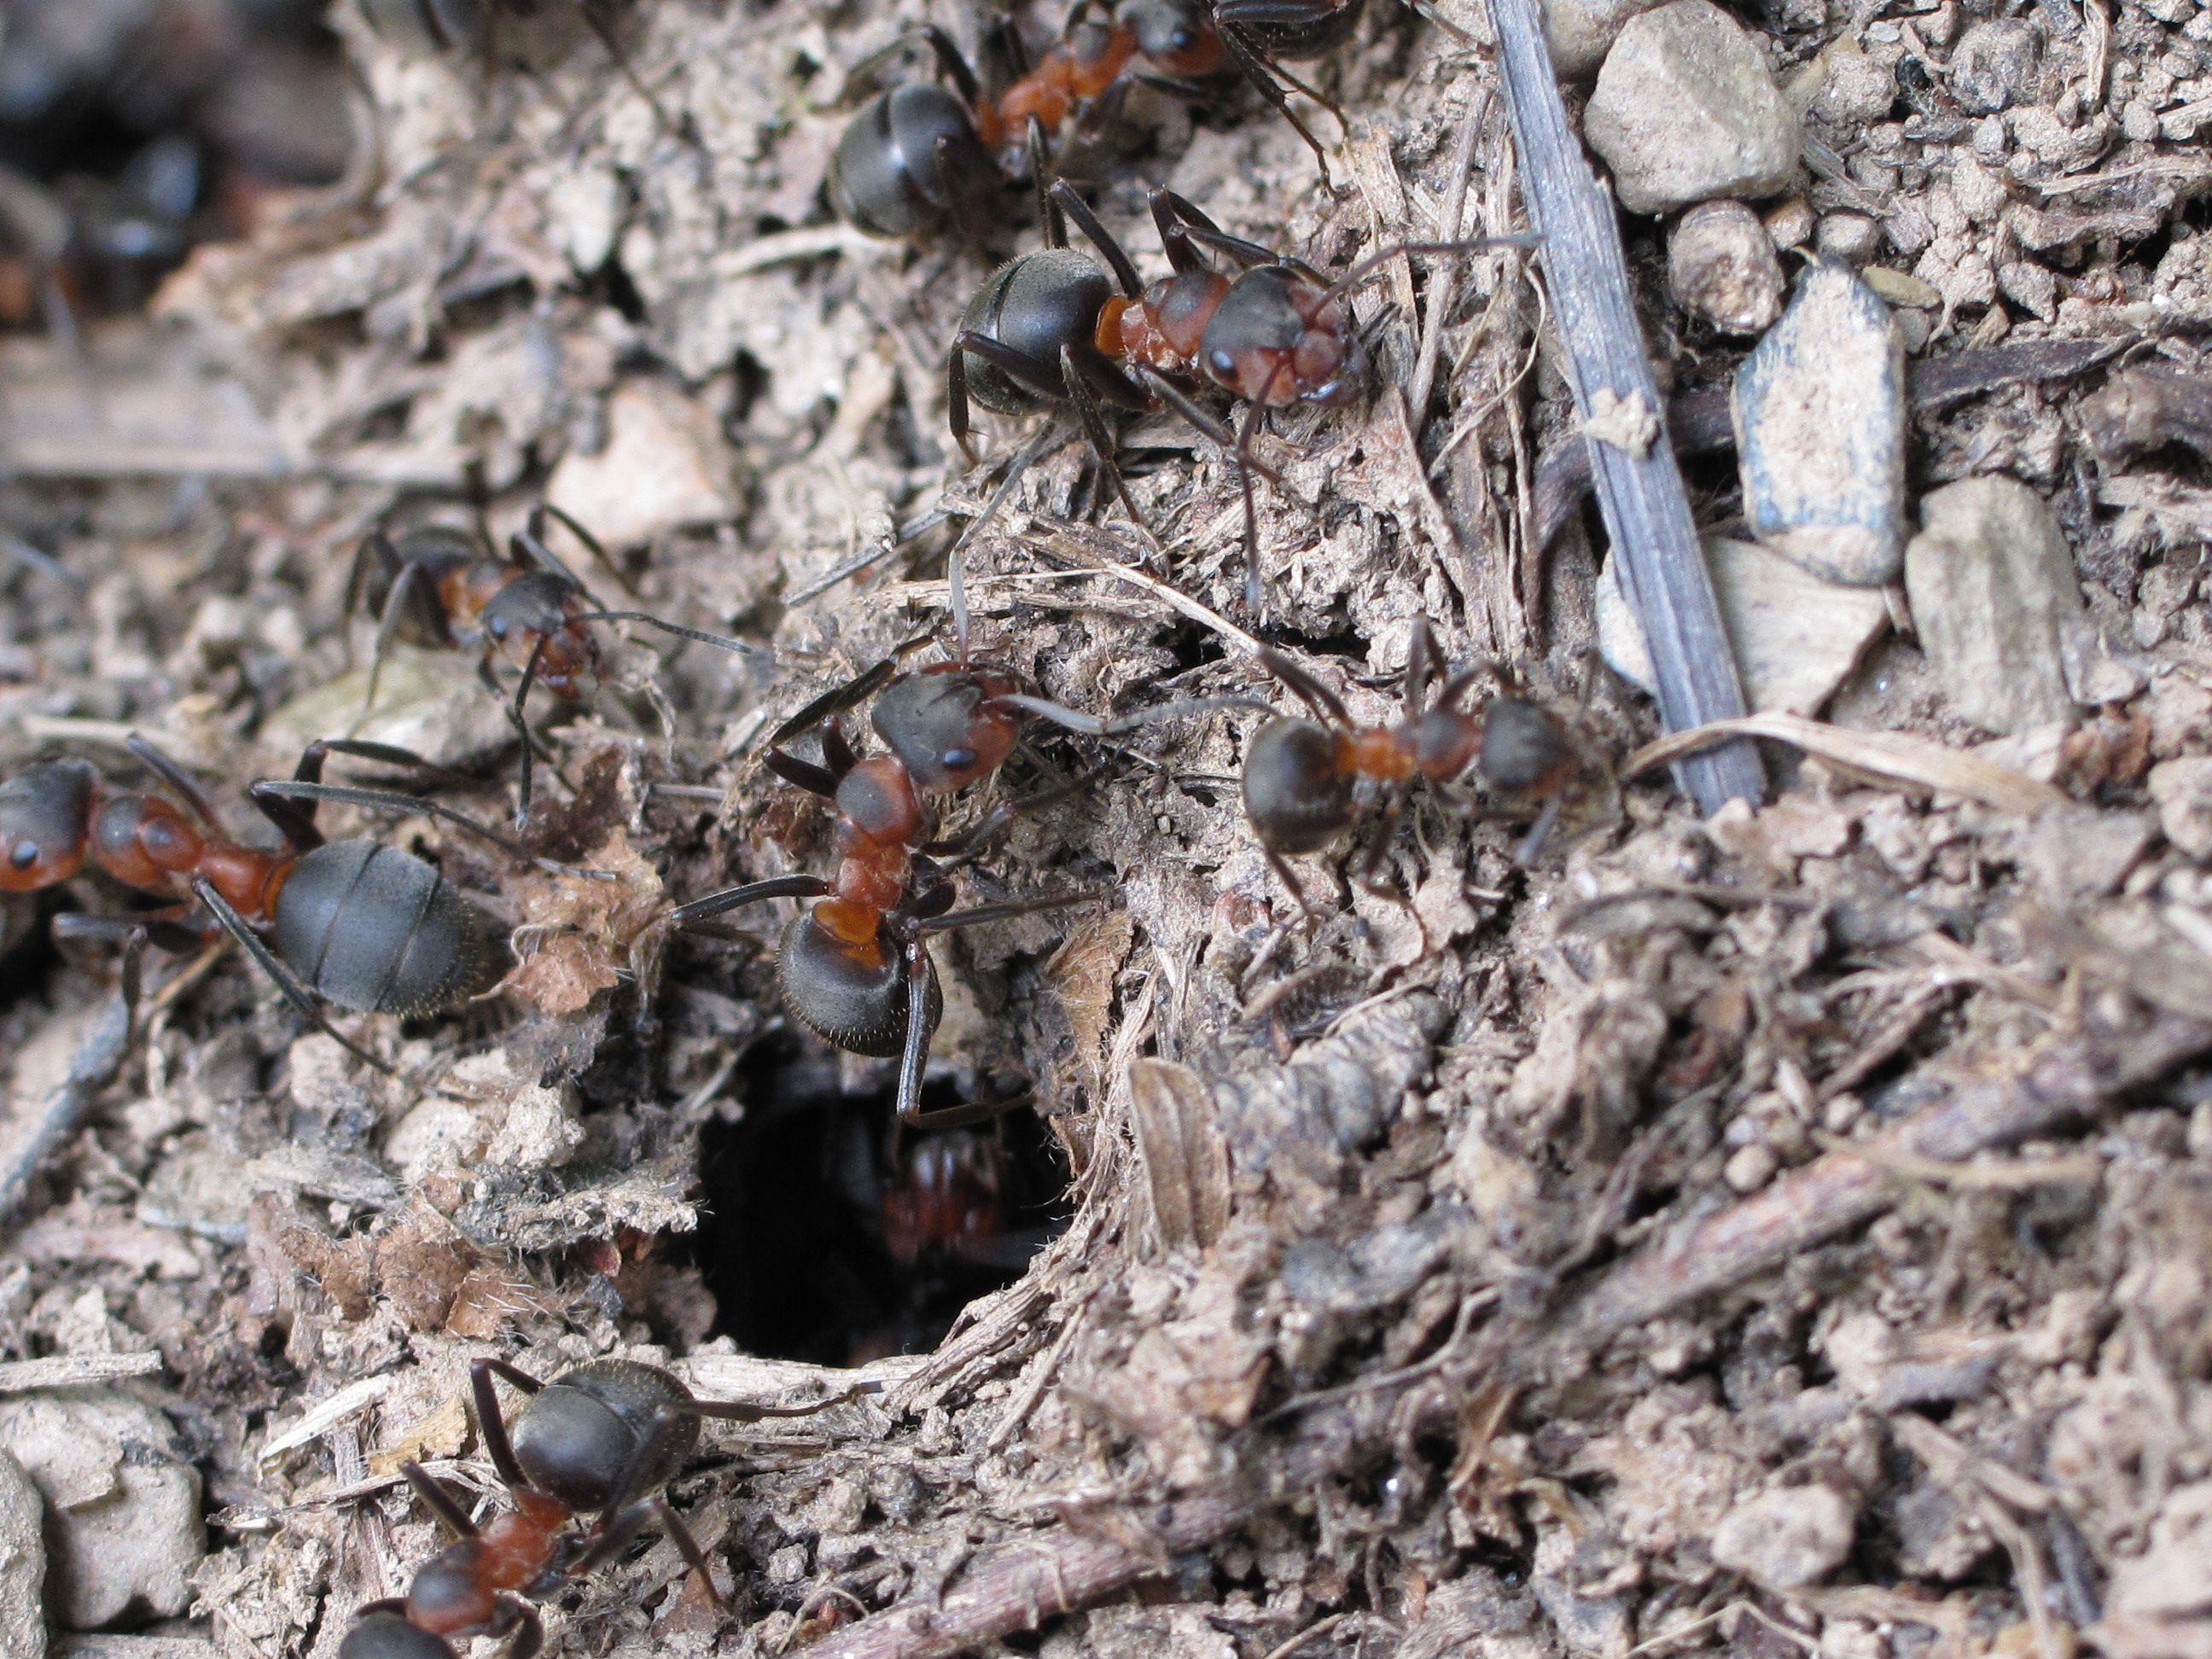 Разработват нови антибиотици чрез мравки